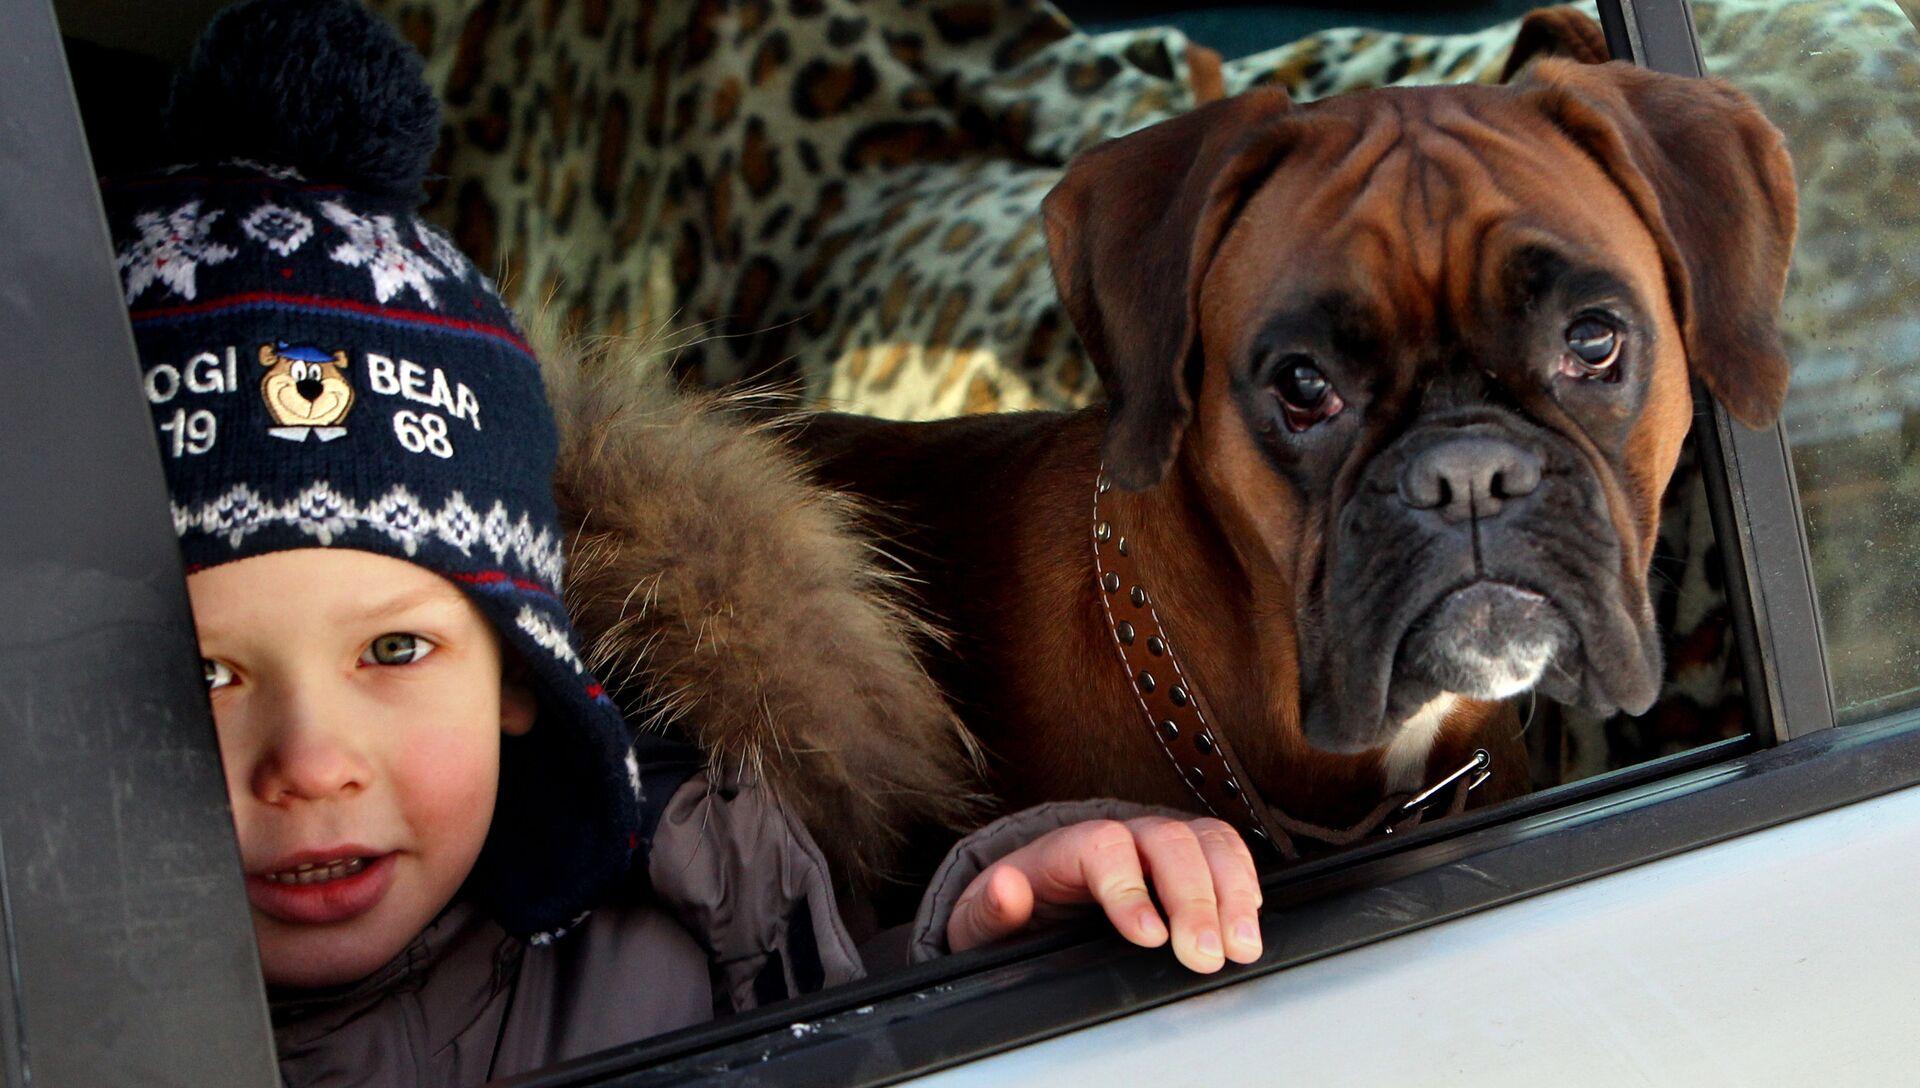 Ребенок в машине - РИА Новости, 1920, 01.05.2021